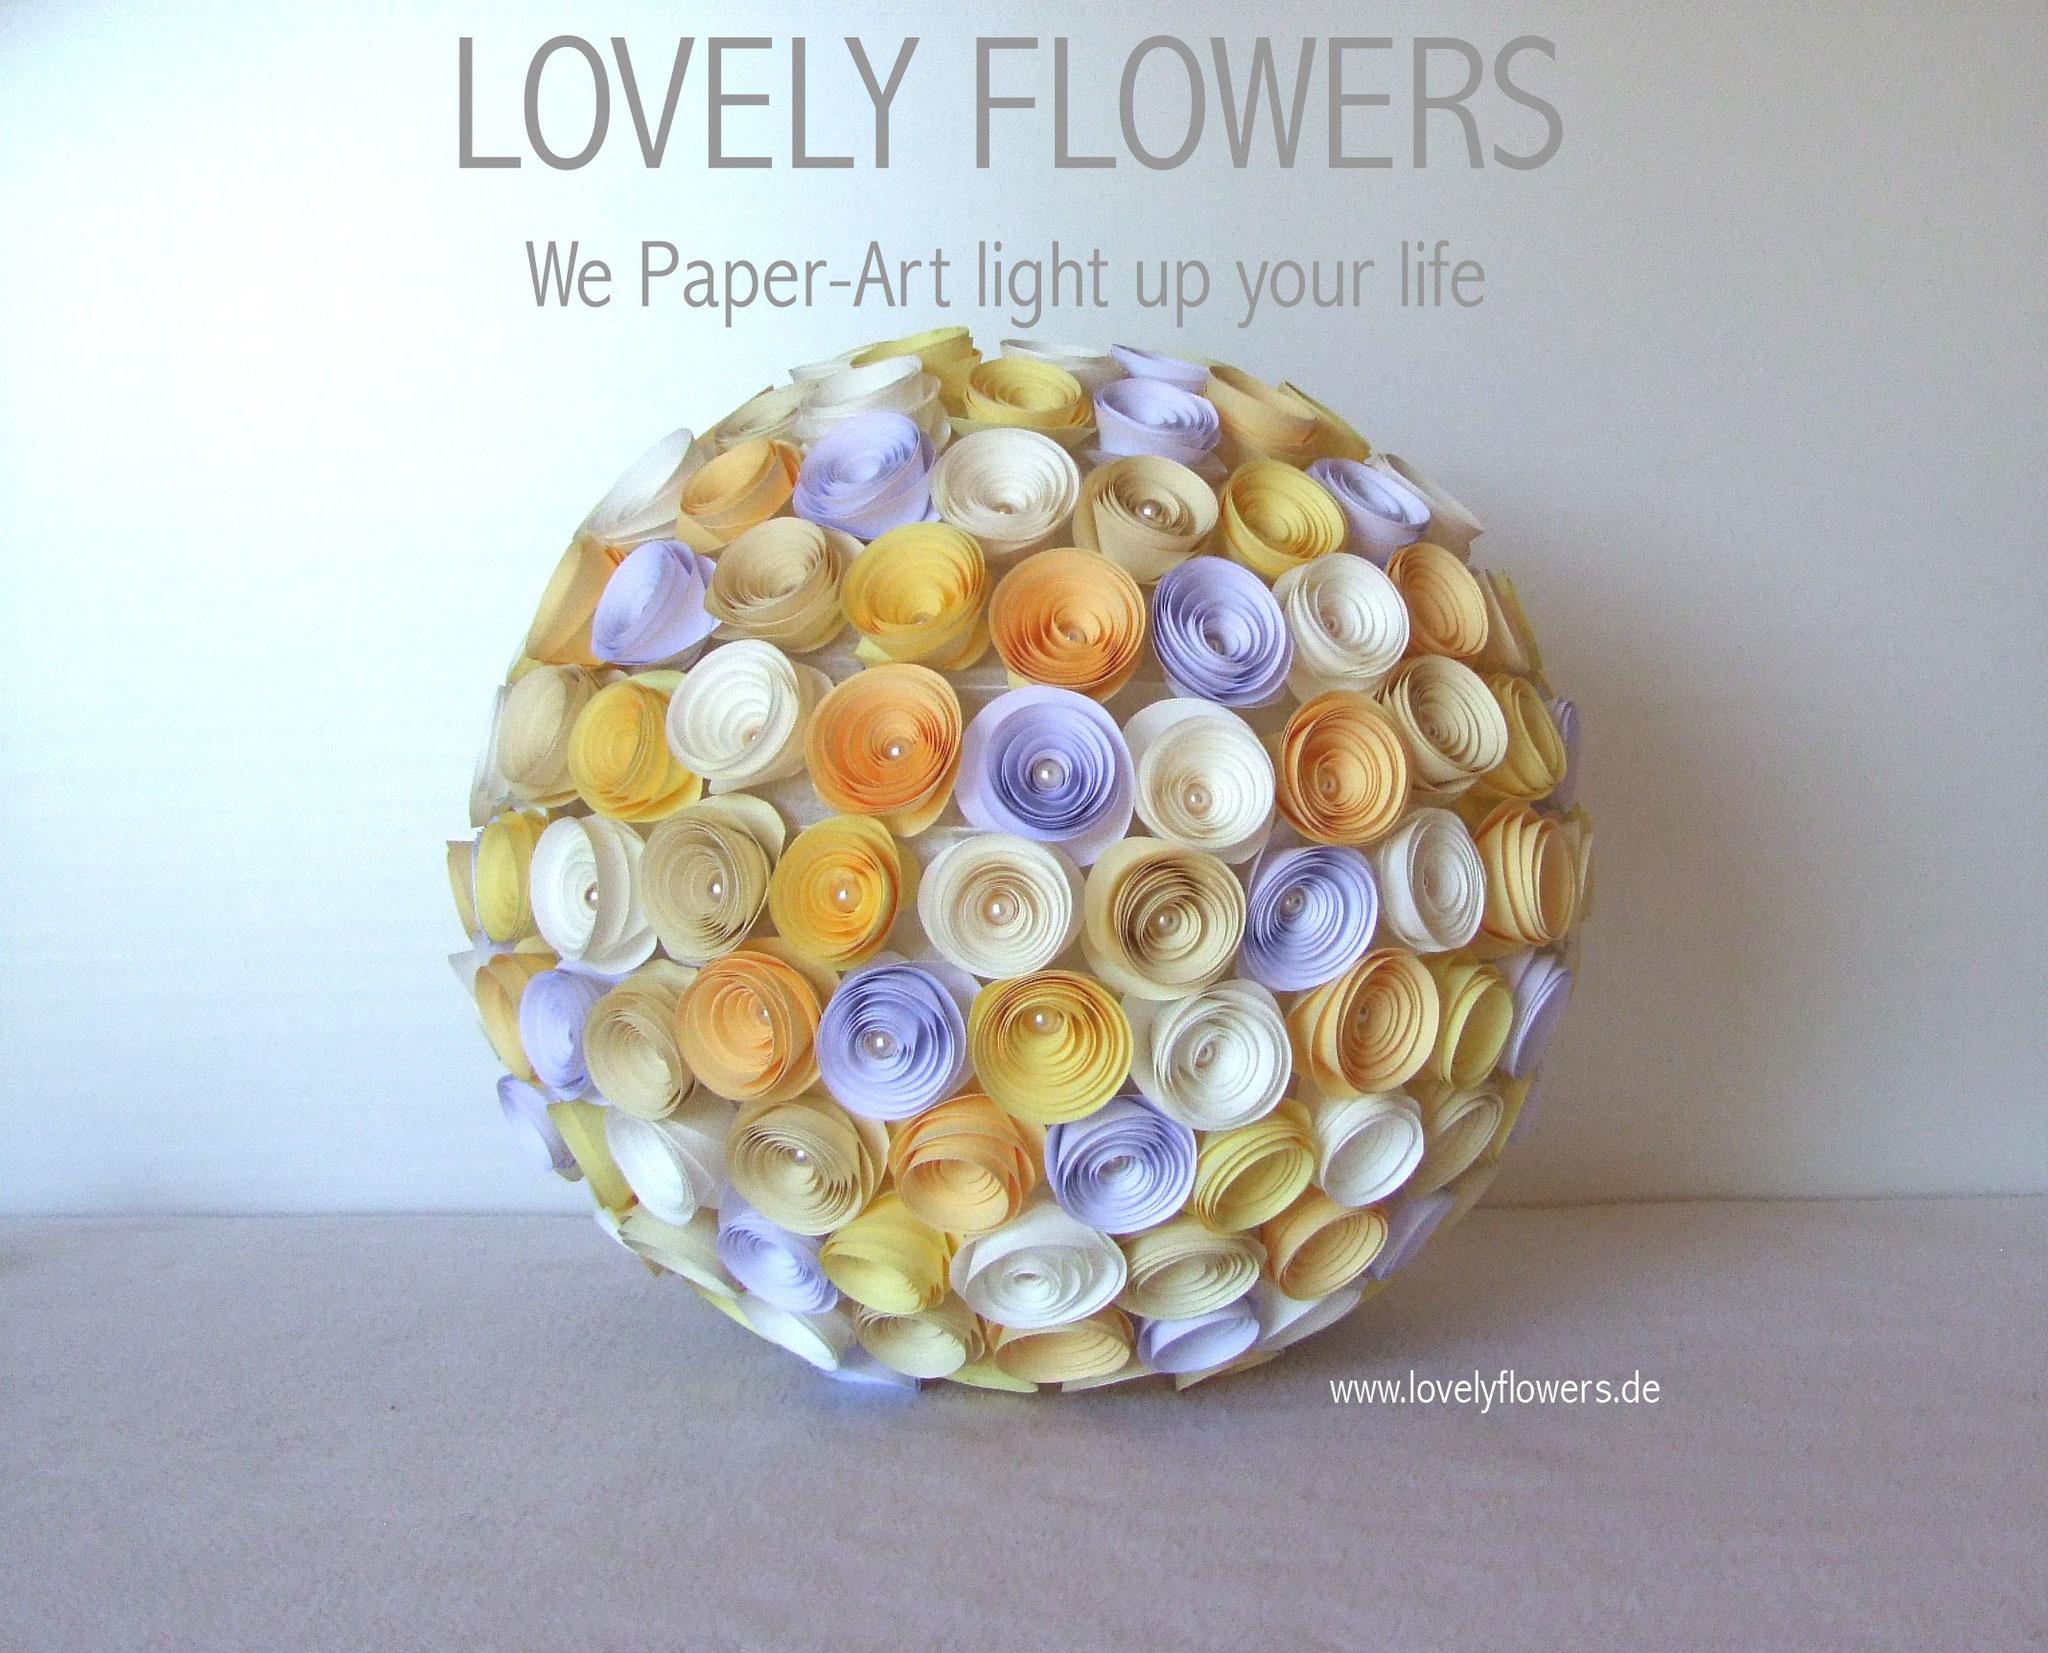 www.lovelyflowers.de - Paper Art Lampen sind hängend und liegend schön!